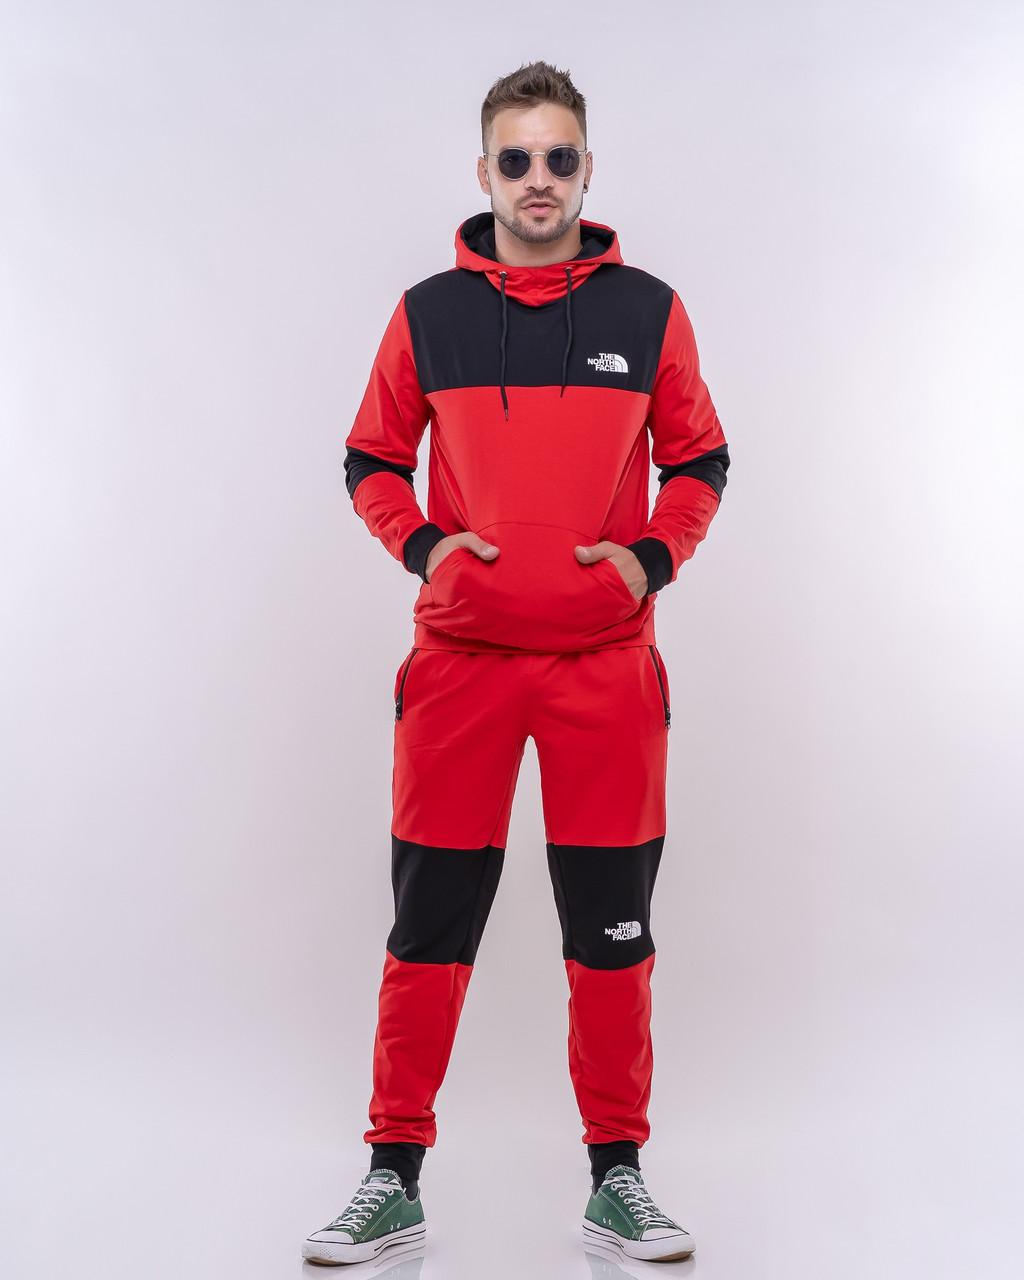 Стильный молодежный мужской спортивный костюм с капюшоном, реплика the north face